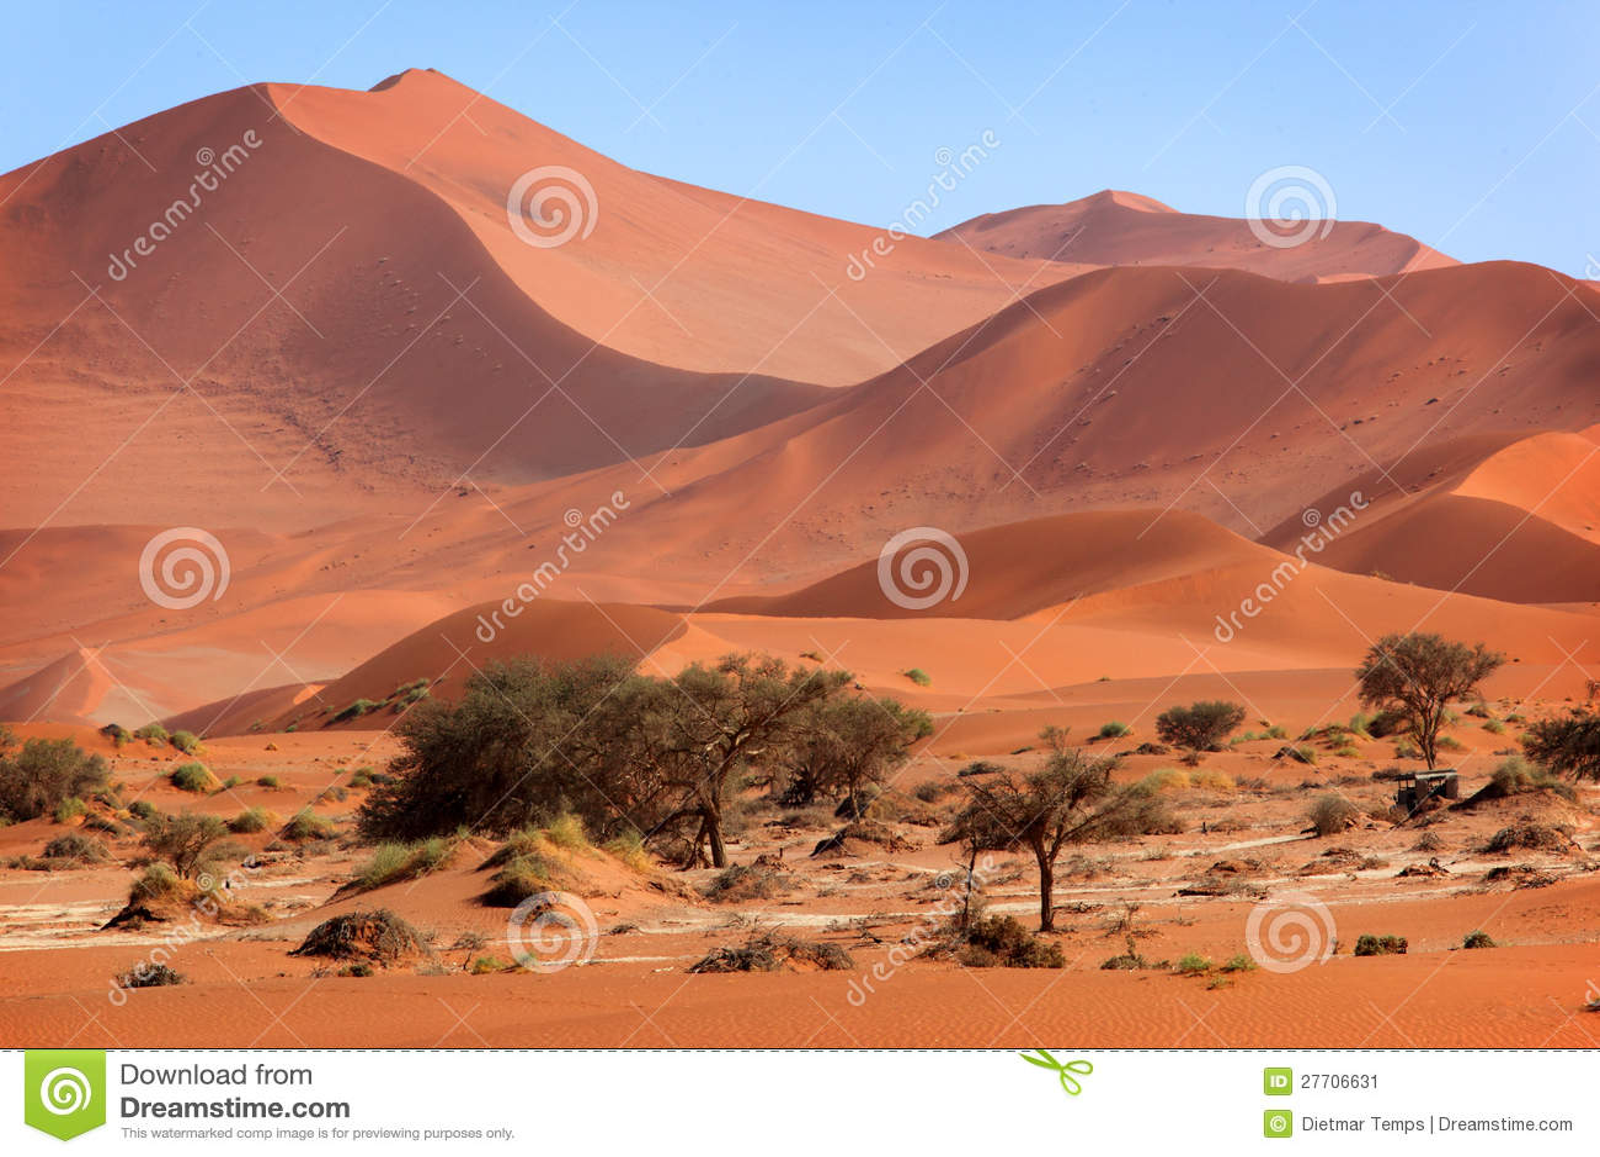 Desert Landscape Plans